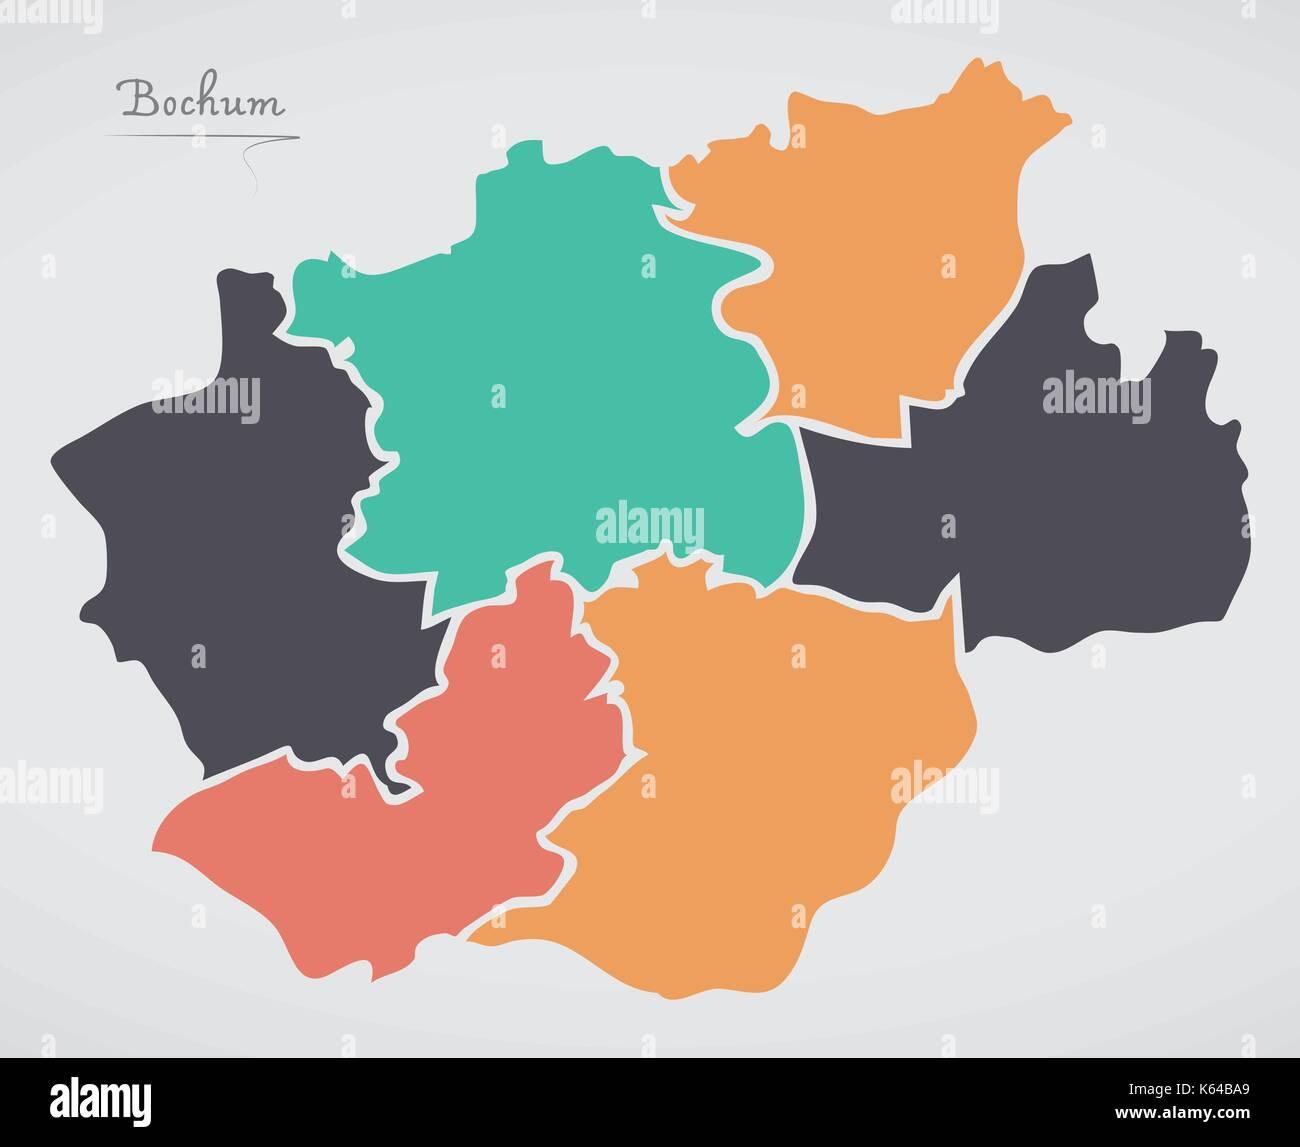 Bochum Karte.Bochum Karte Mit Bezirken Und Moderne Runde Formen Vektor Abbildung